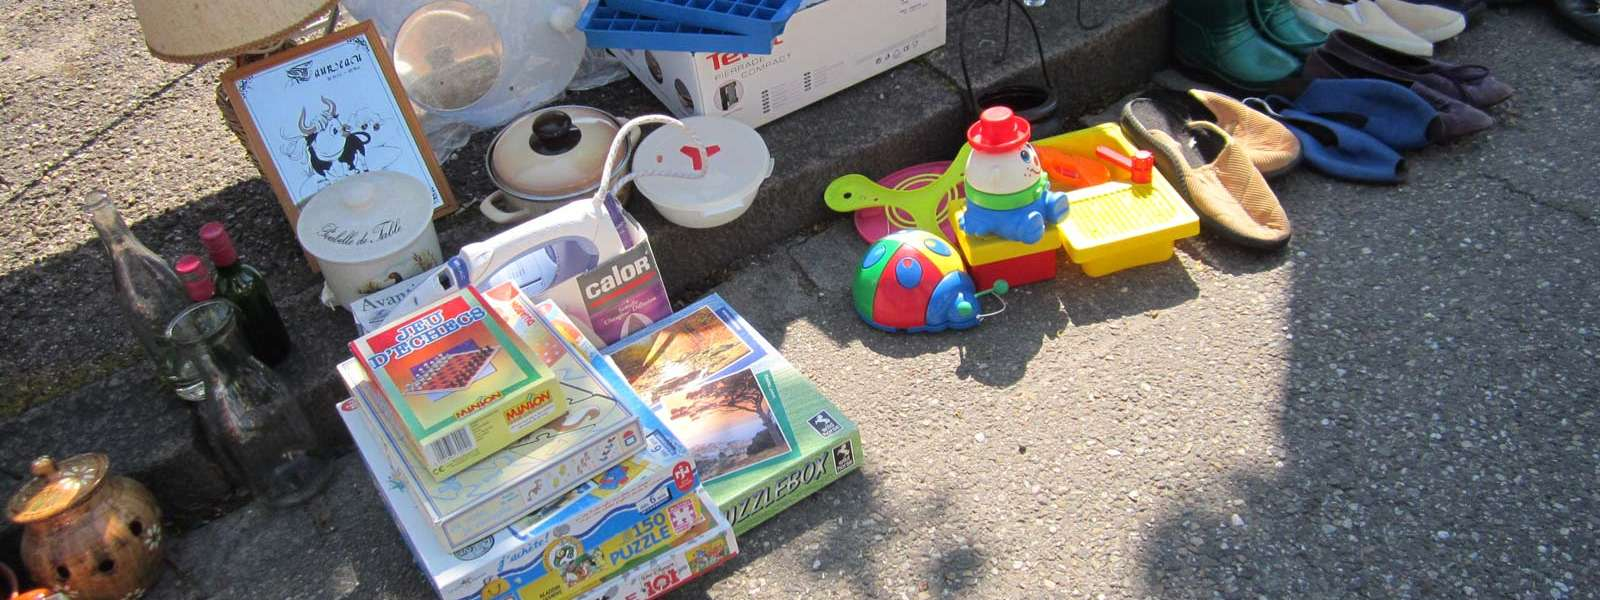 Bourse aux jouets, Niederbronn-les-Bains